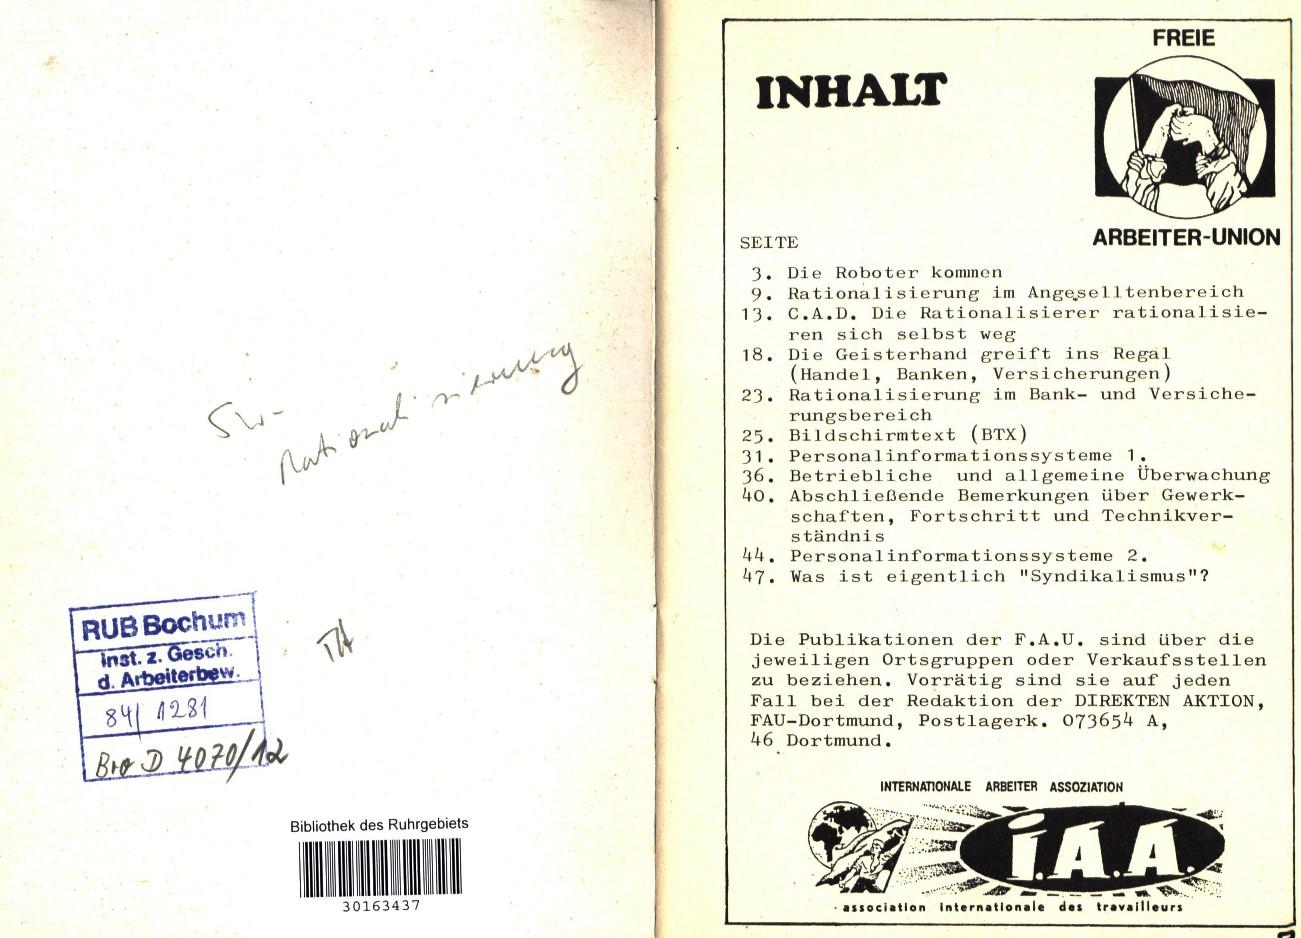 FAU_1990_Die_Roboter_kommen_02